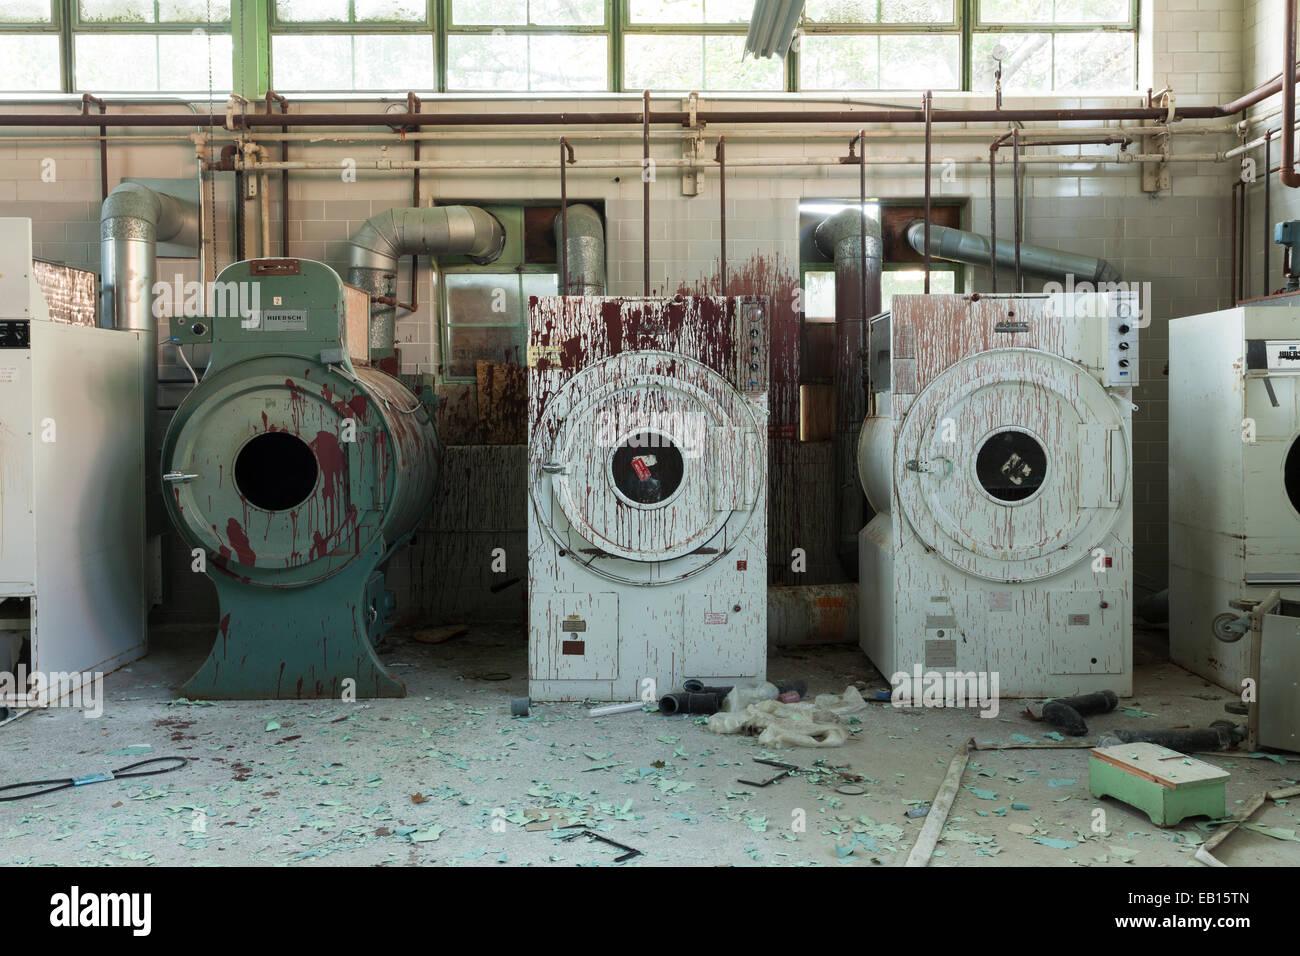 Industrielle waschmaschinen und trockner in roter farbe in einem